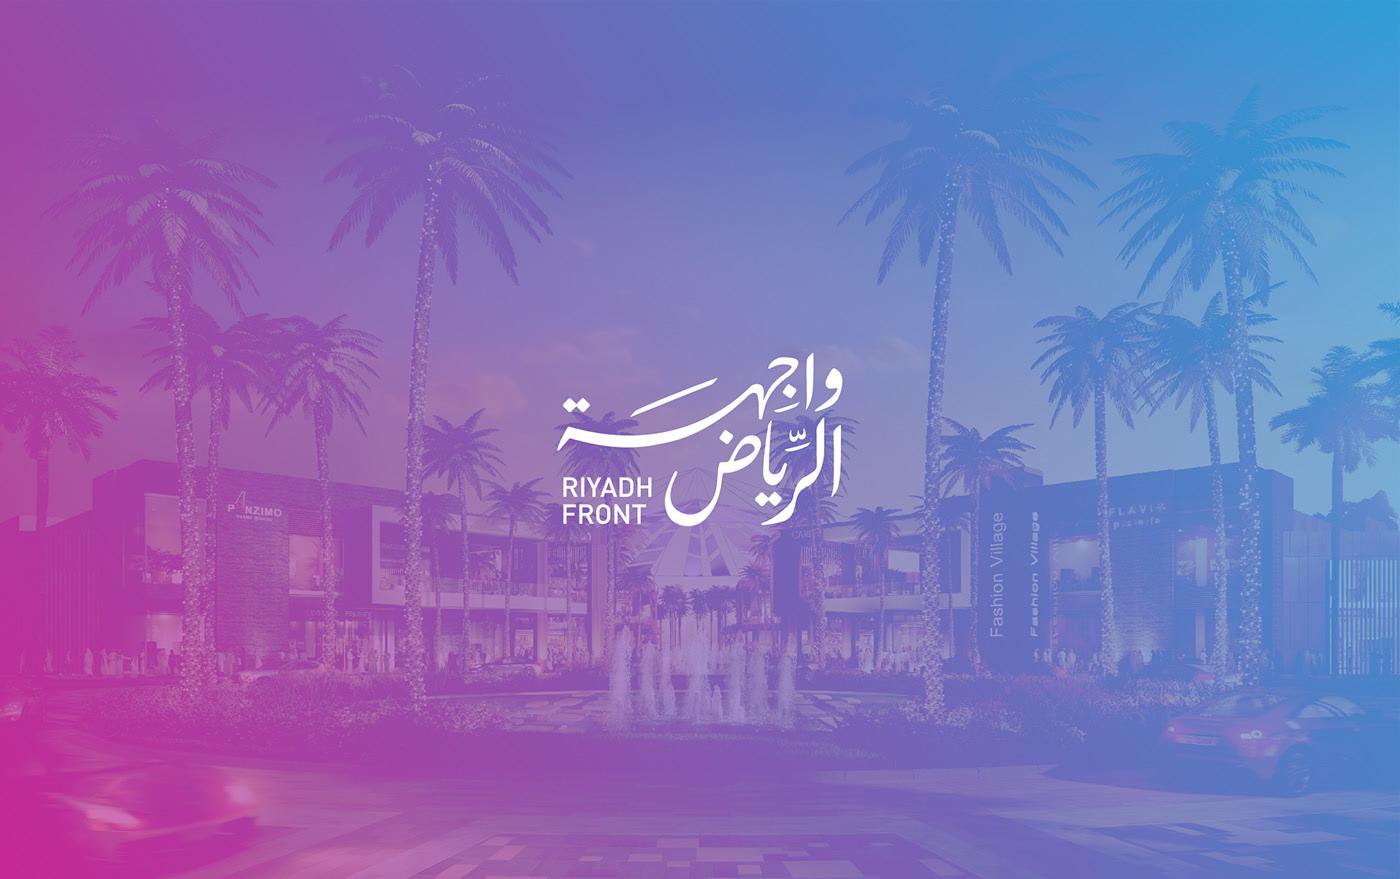 Riyadh Front